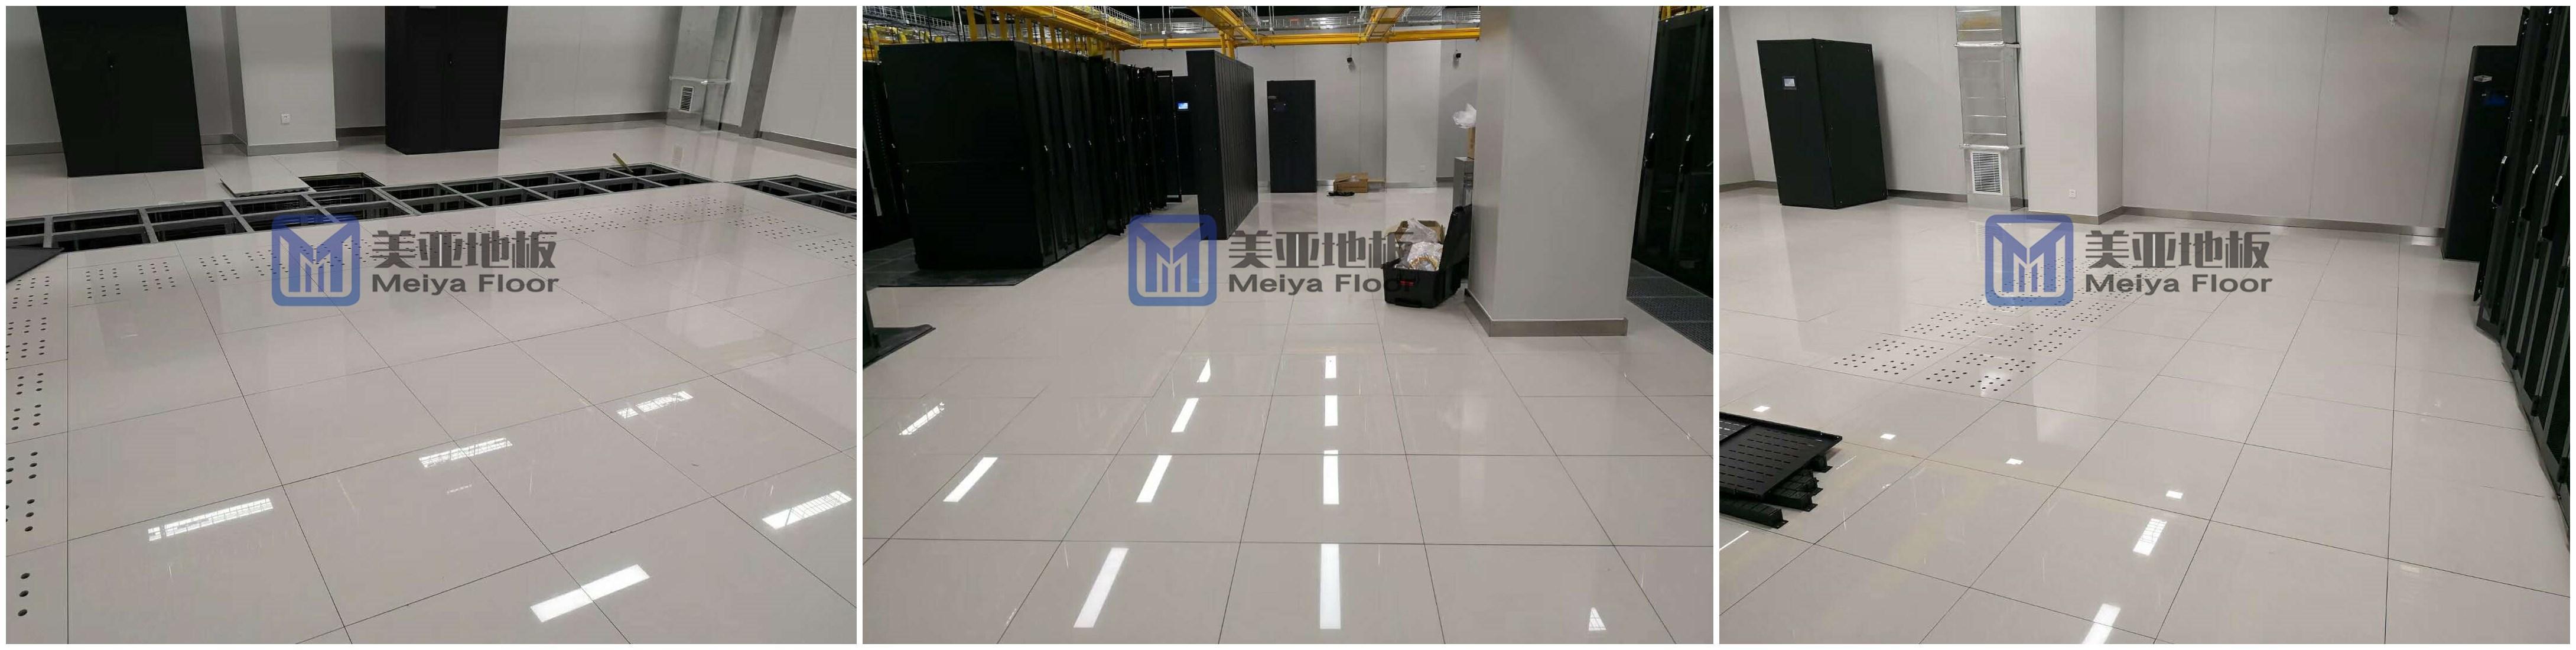 陶瓷防jingdian地板,陶瓷jia空地板,jia空地板,机房防jingdian地板zhao美ya地板。